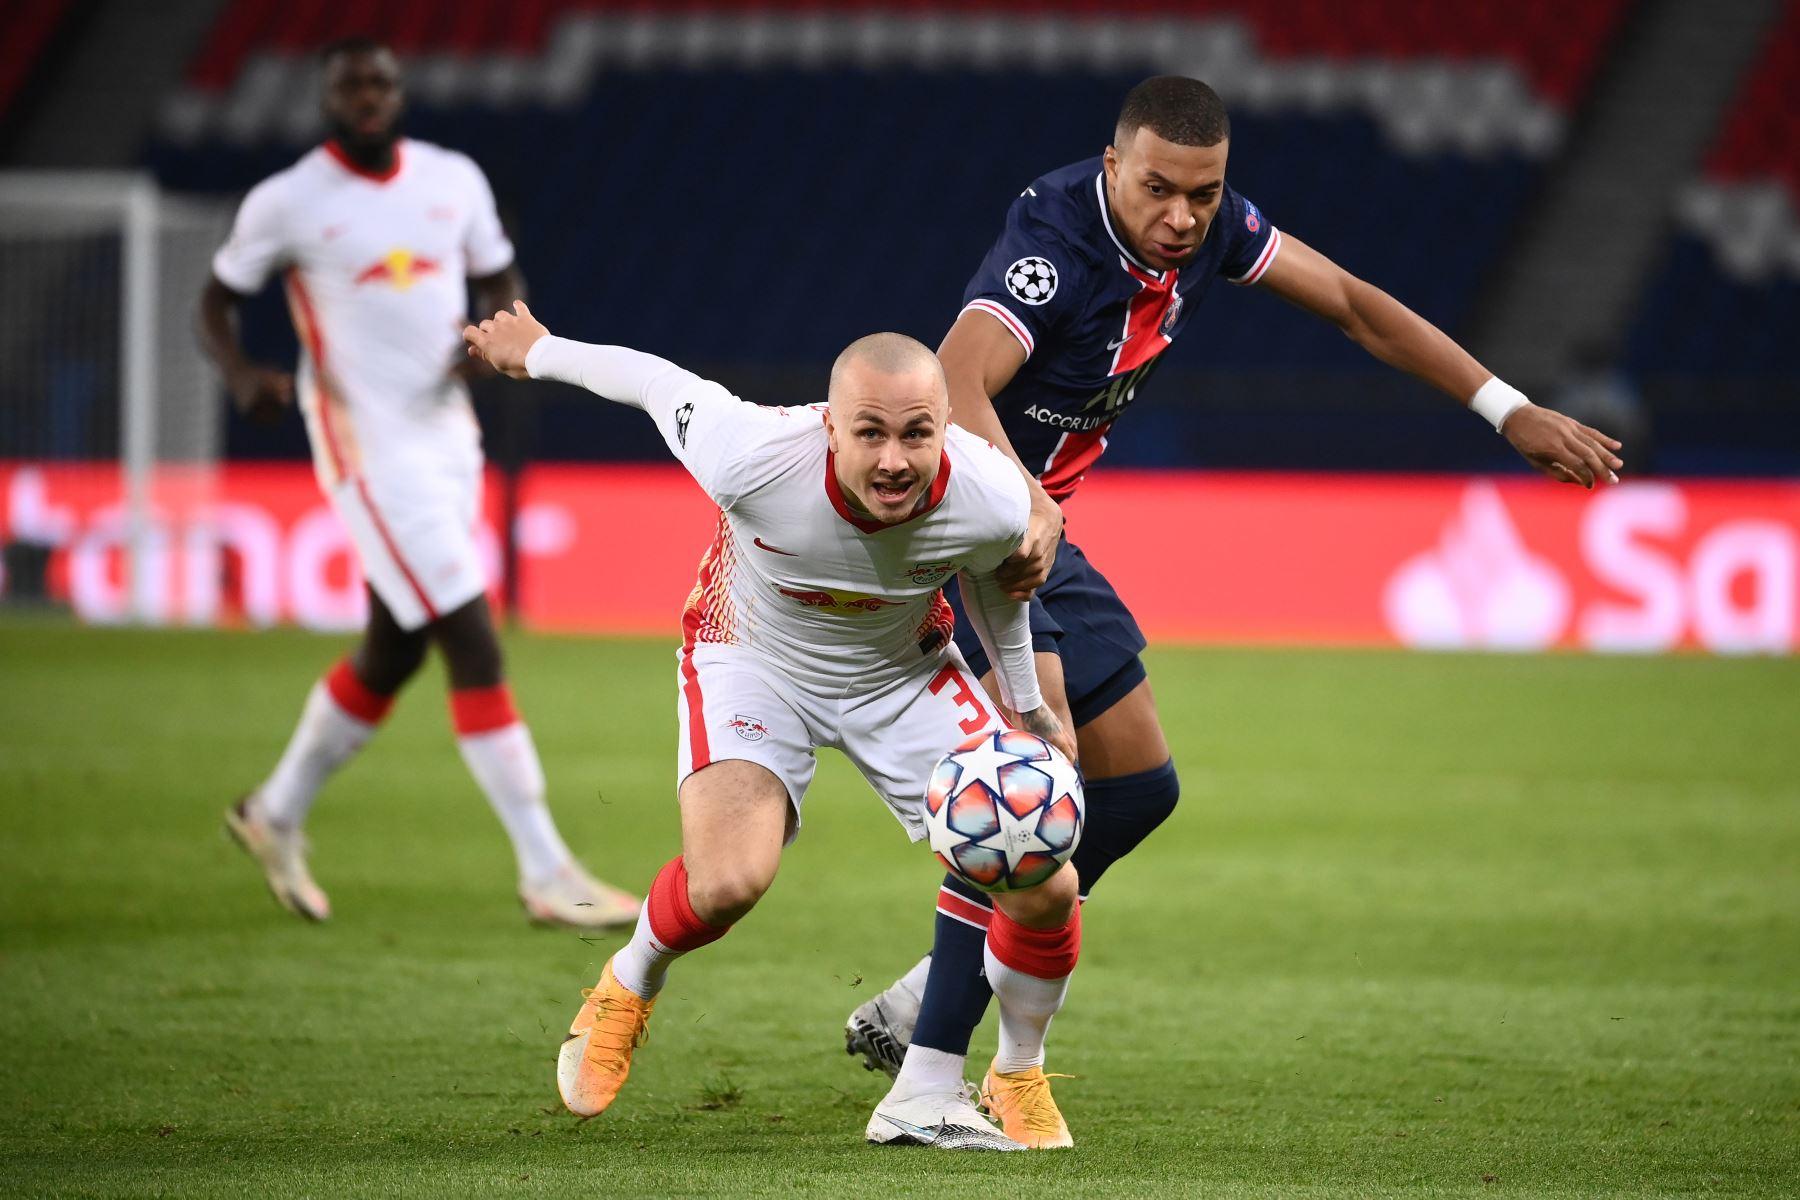 El delantero francés del Paris Saint-Germain Kylian Mbappé compite por el balón con el defensor español del Leipzig Angelino durante el Grupo H de la Liga de Campeones de la UEFA. Foto: AFP